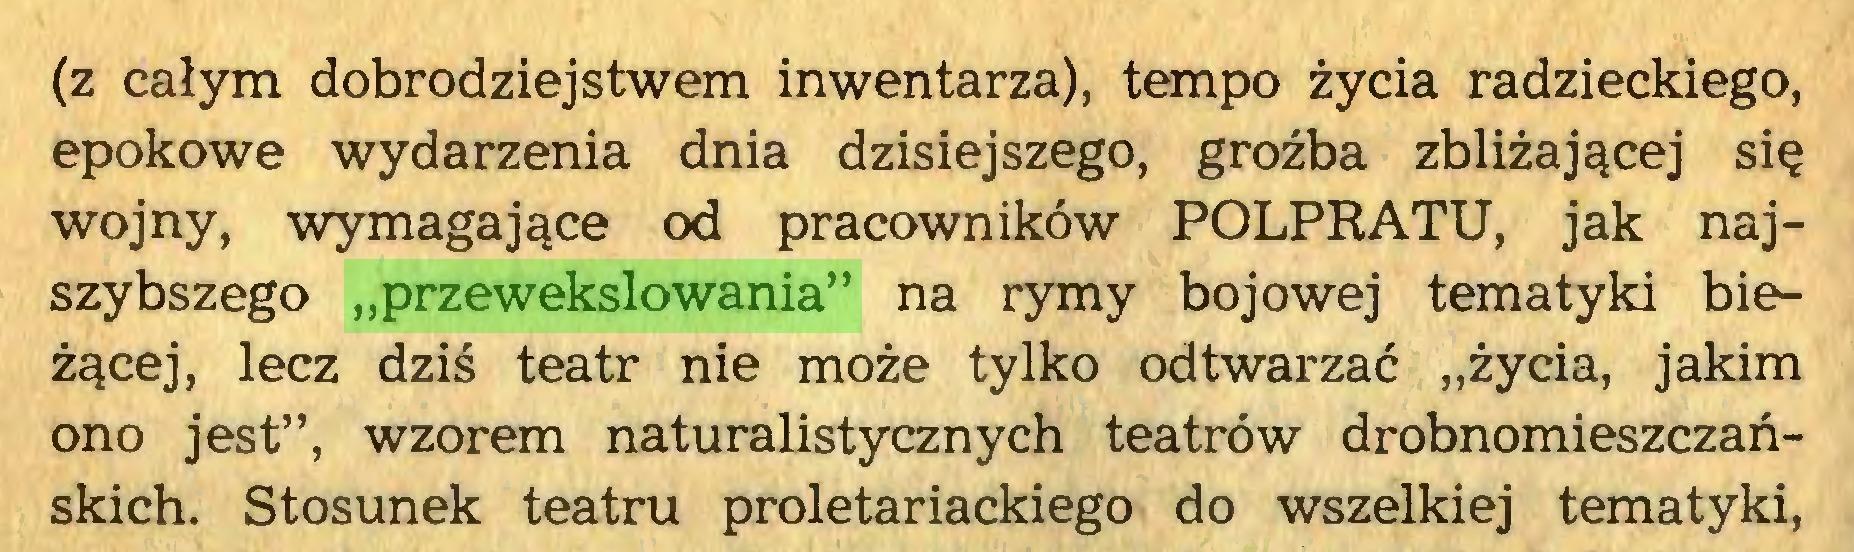 """(...) (z całym dobrodziejstwem inwentarza), tempo życia radzieckiego, epokowe wydarzenia dnia dzisiejszego, groźba zbliżającej się wojny, wymagające od pracowników POLPRATU, jak najszybszego """"przewekslowania"""" na rymy bojowej tematyki bieżącej, lecz dziś teatr nie może tylko odtwarzać """"życia, jakim ono jest"""", wzorem naturalistycznych teatrów drobnomieszczańskich. Stosunek teatru proletariackiego do wszelkiej tematyki,..."""